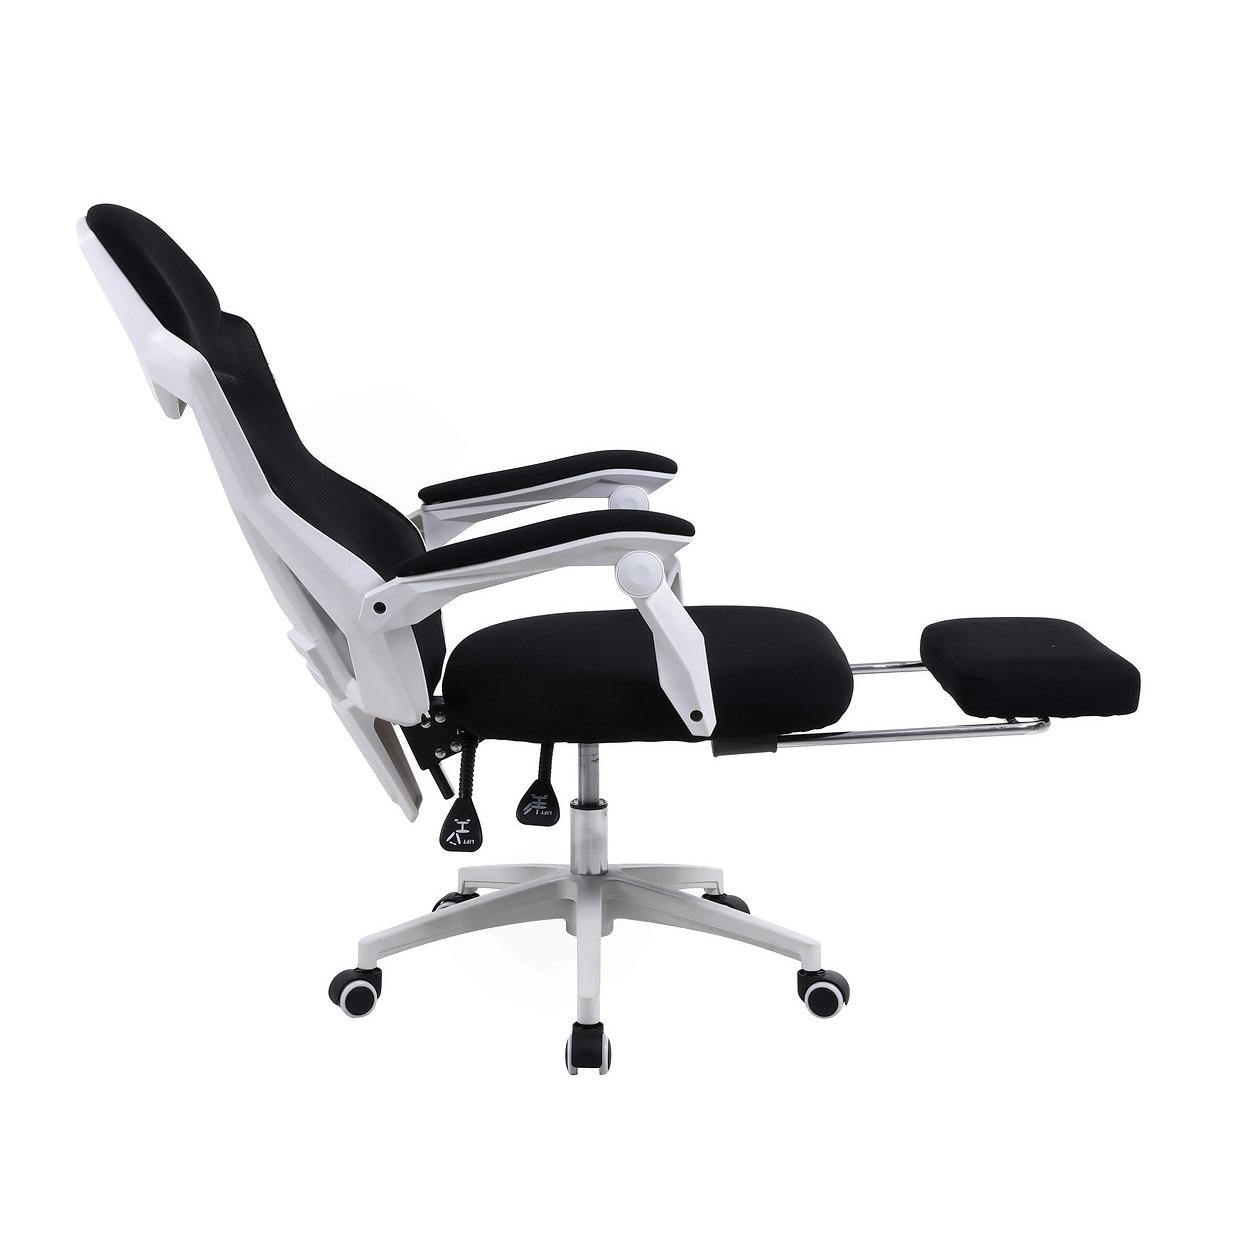 Zenga Extreme Infini Gamer szék, légáteresztő hálóval Fekete Fehér, Max. teherbírás: 120 kg